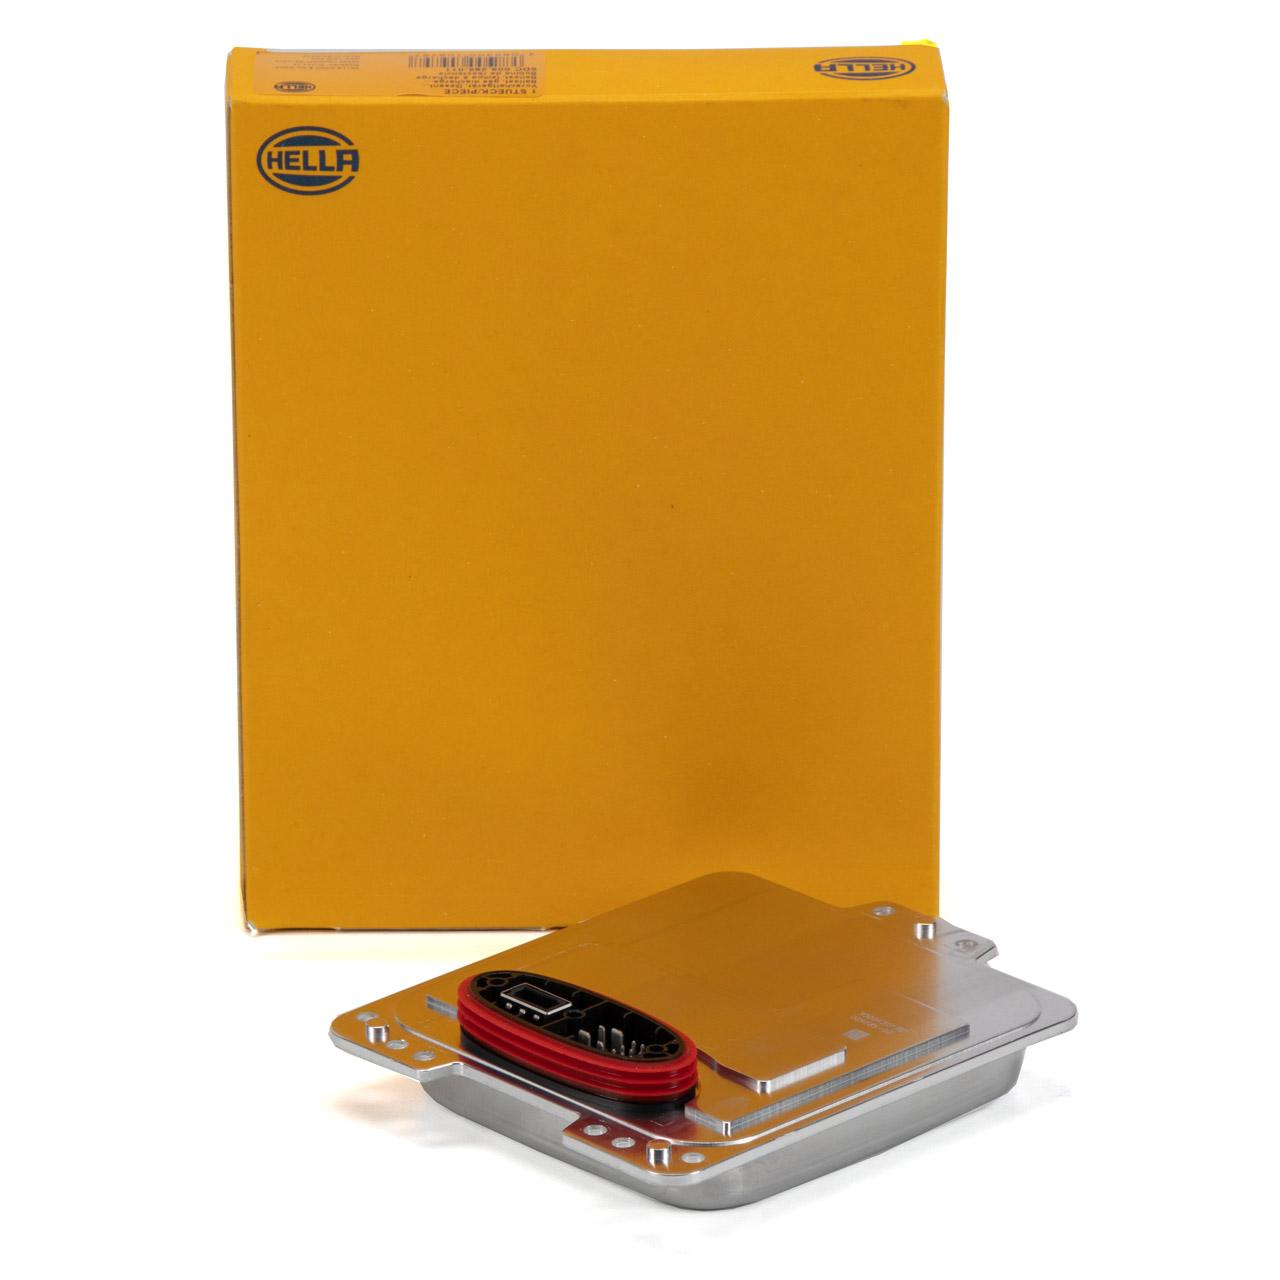 HELLA Steuergerät Vorschaltgerät BI-XENON für PORSCHE Cayenne 9PA 95563119403